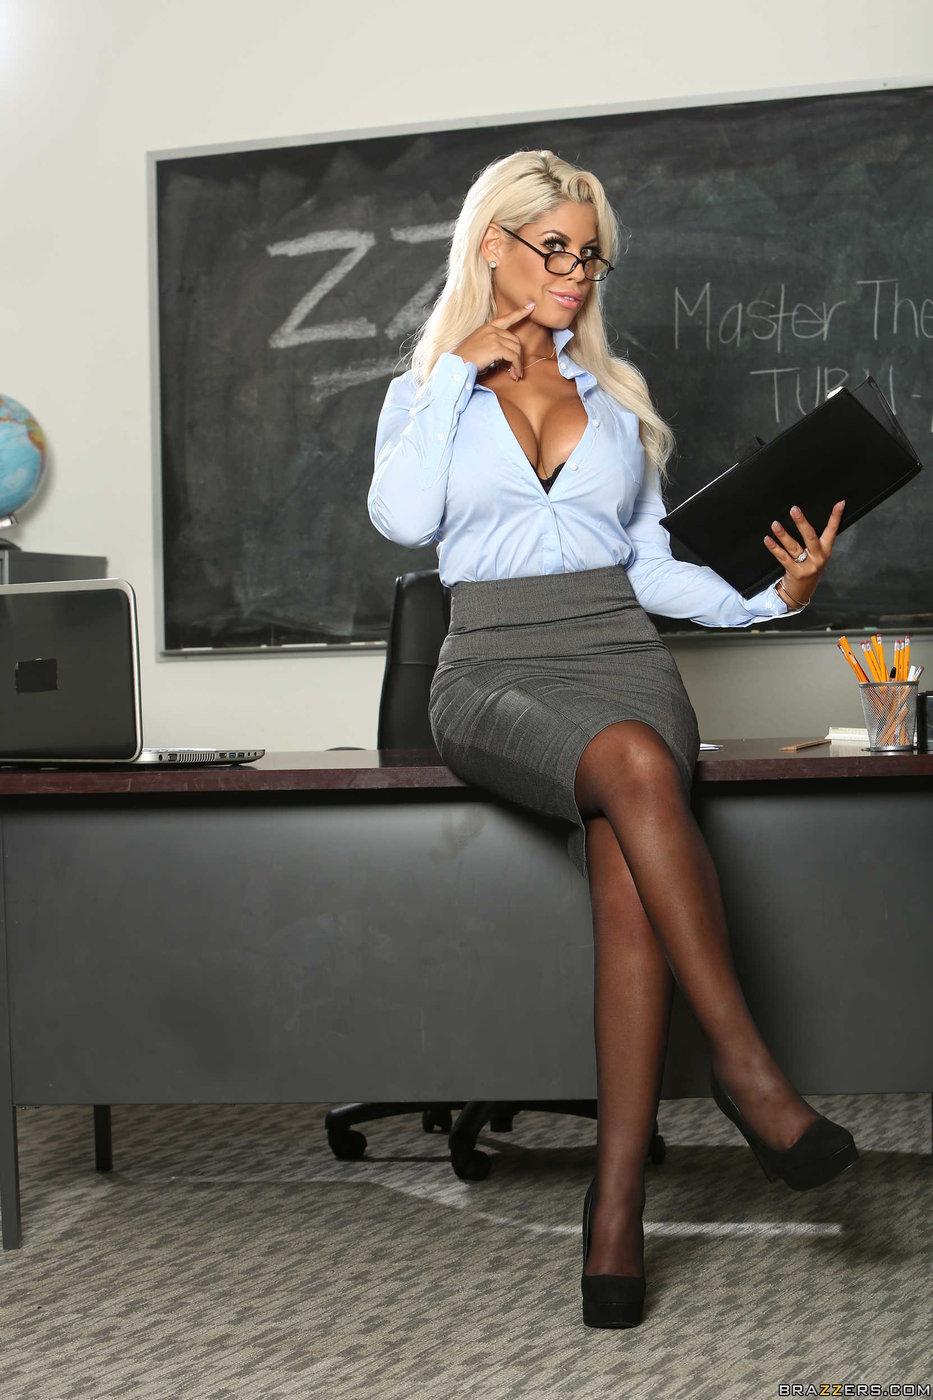 Busty blonde teacher fucks student Busty Blue Eyed Blonde Teacher Fucking Her Hung Student After Class Iamxxx Com